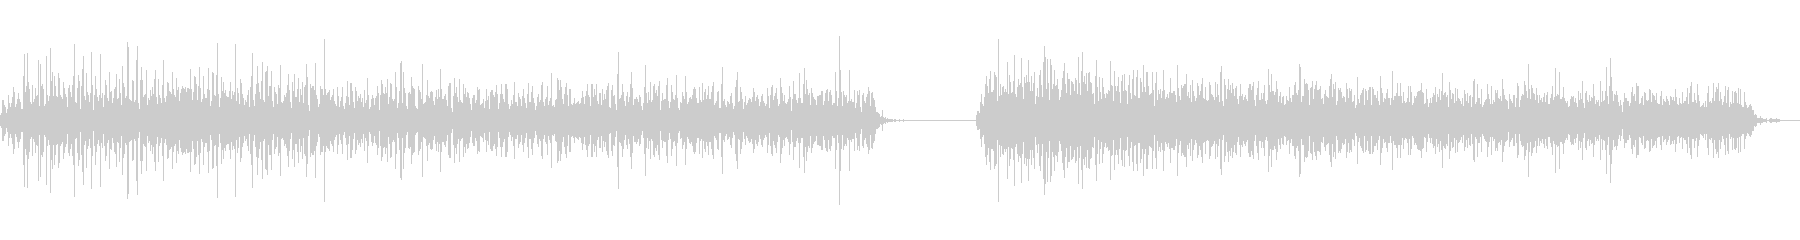 神楽鈴(小)を軽く振る音の未再生の波形